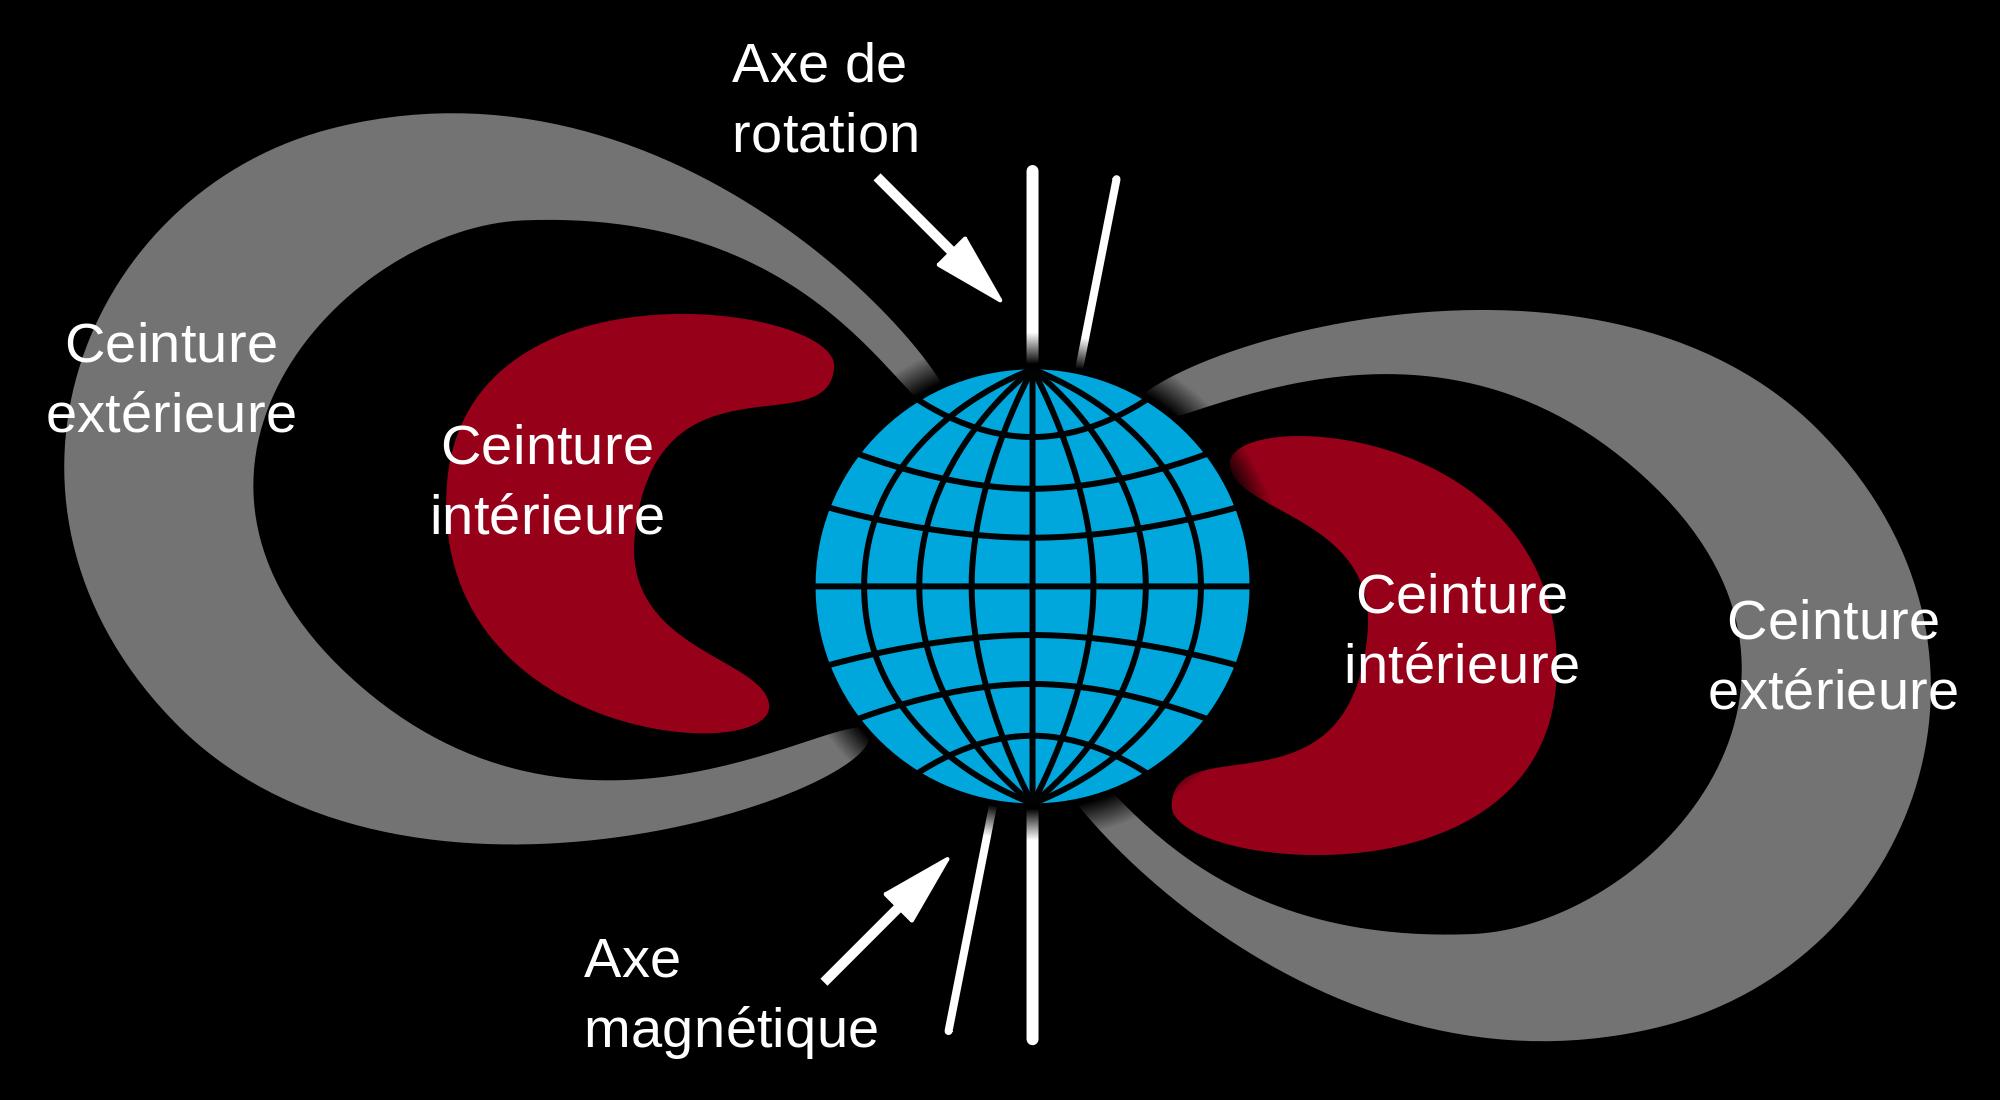 Žemės magnetinis aktyvumas šiandien